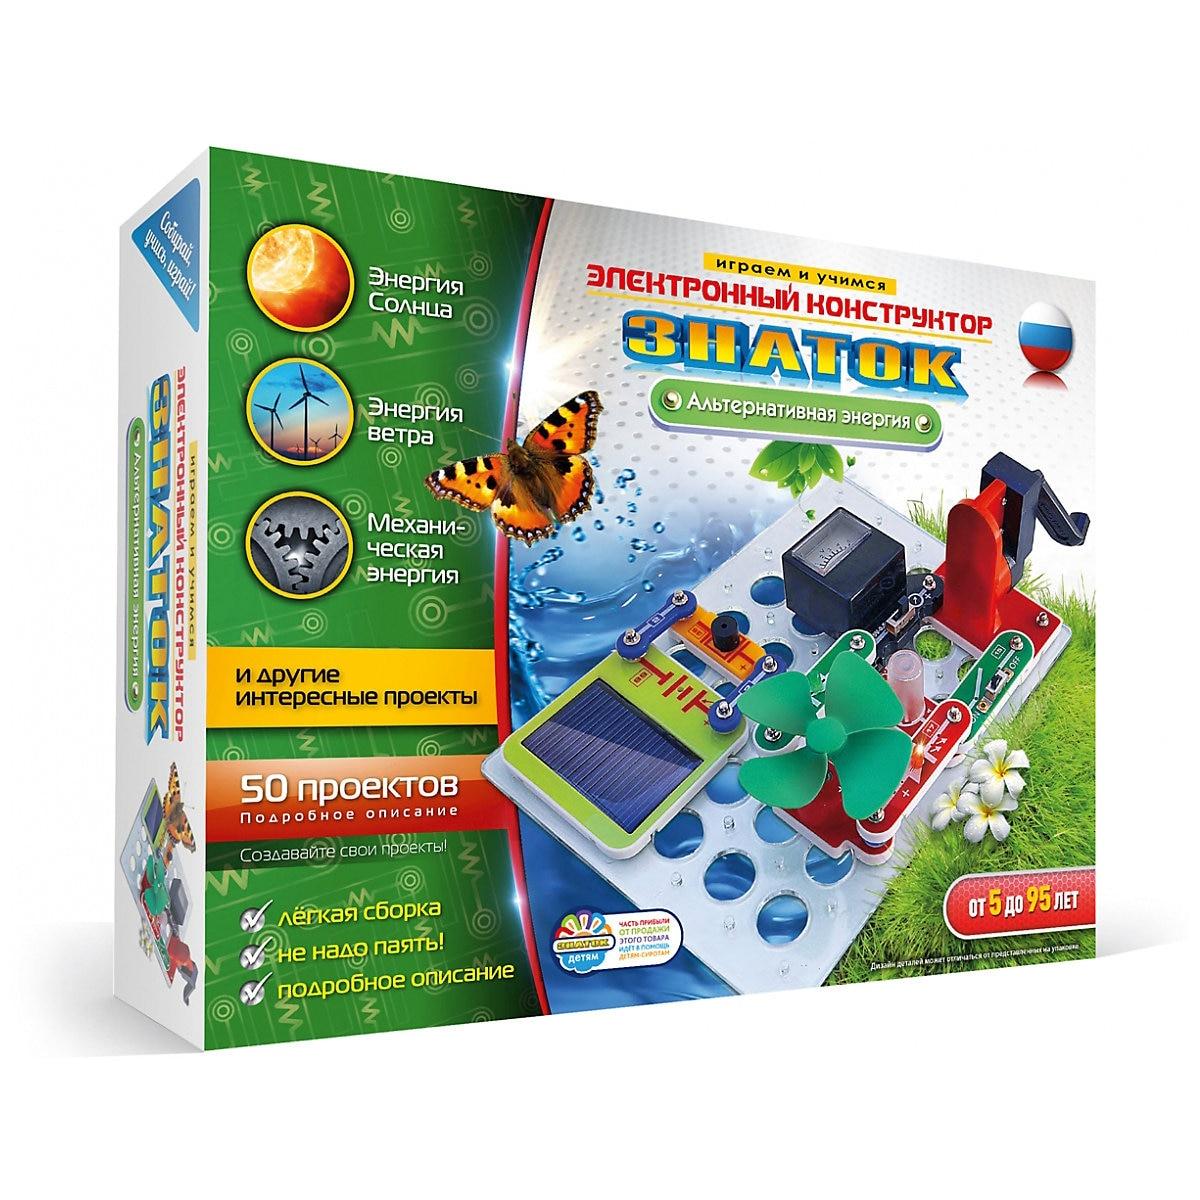 Znatok Robots Accessories1 5596042 juguete inteligente para niños niño niña juego electrónico juguetes niños niñas modelo prefabricado MTpromo